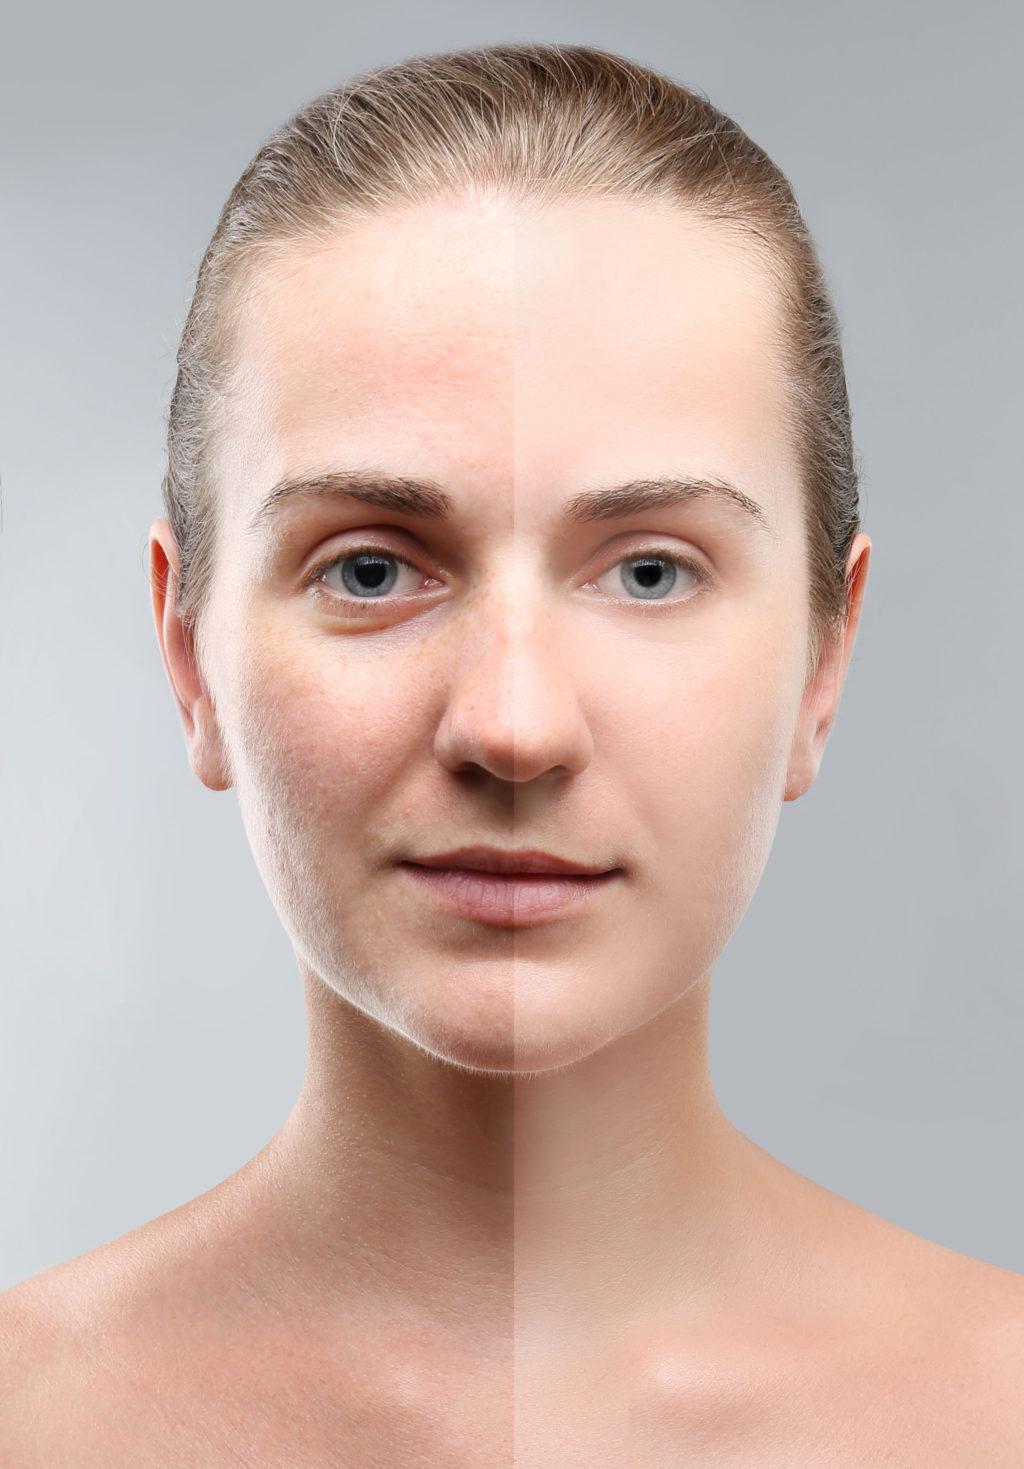 Der Wirkstoff SYN-AKE verringert Mimikfalten.